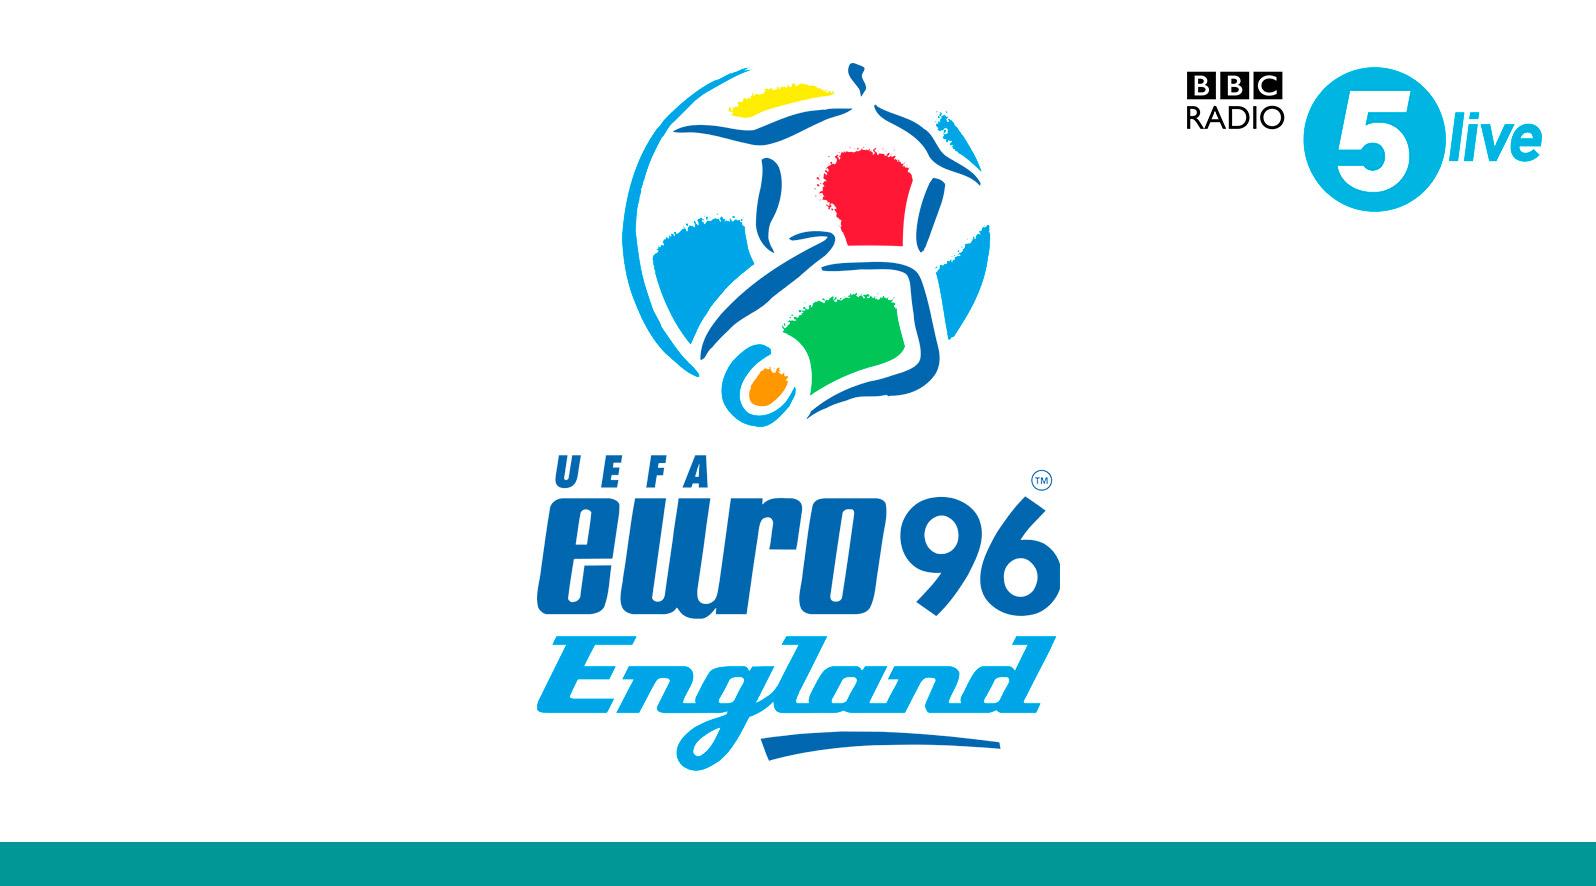 Euro-96-When-Football-Came-Home-Carousel-1